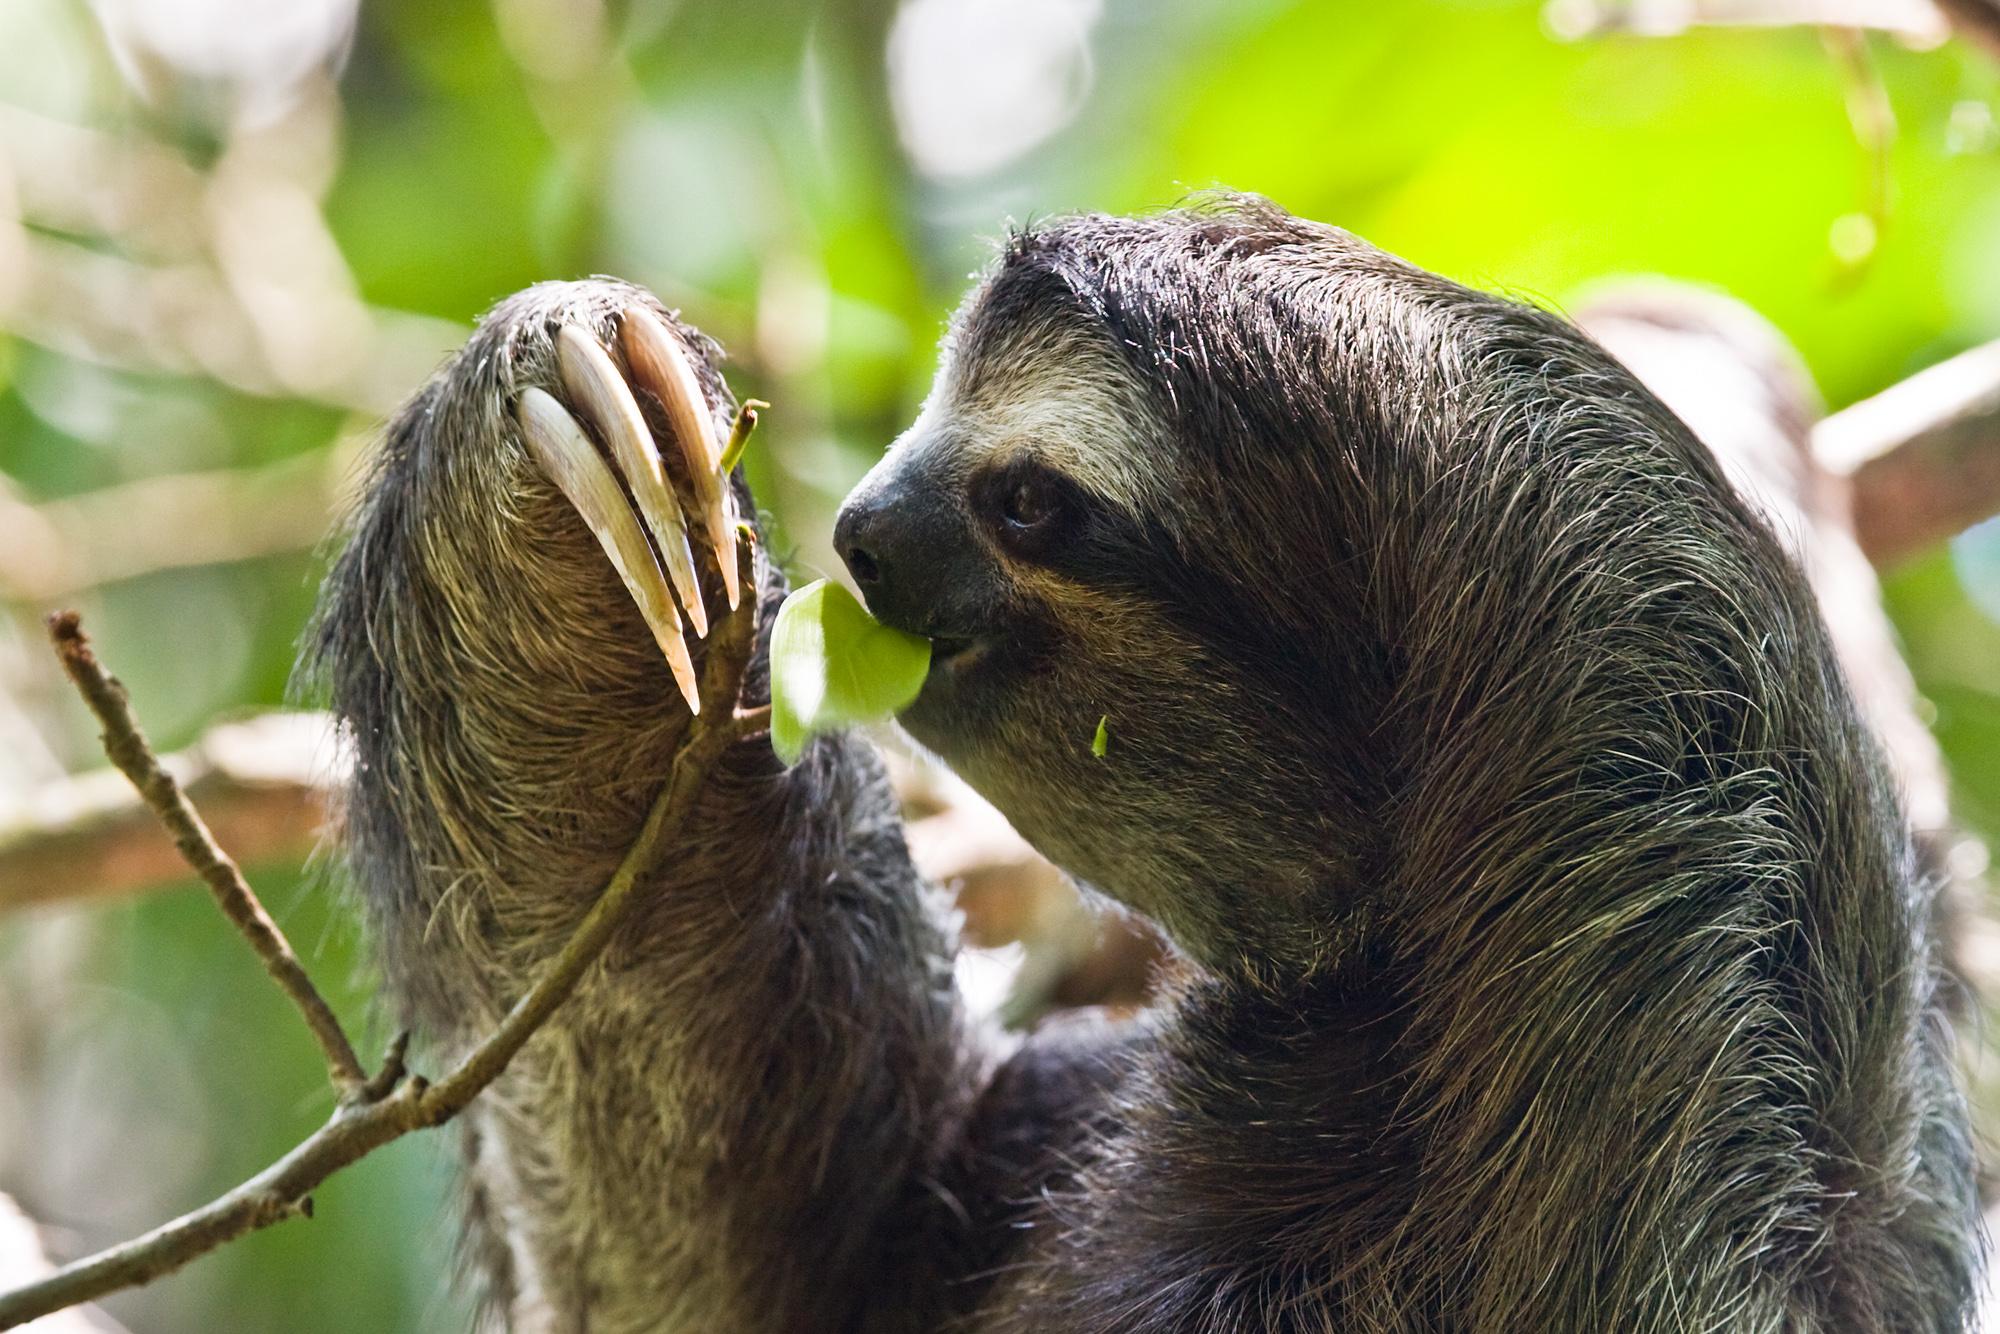 Sloths being cute